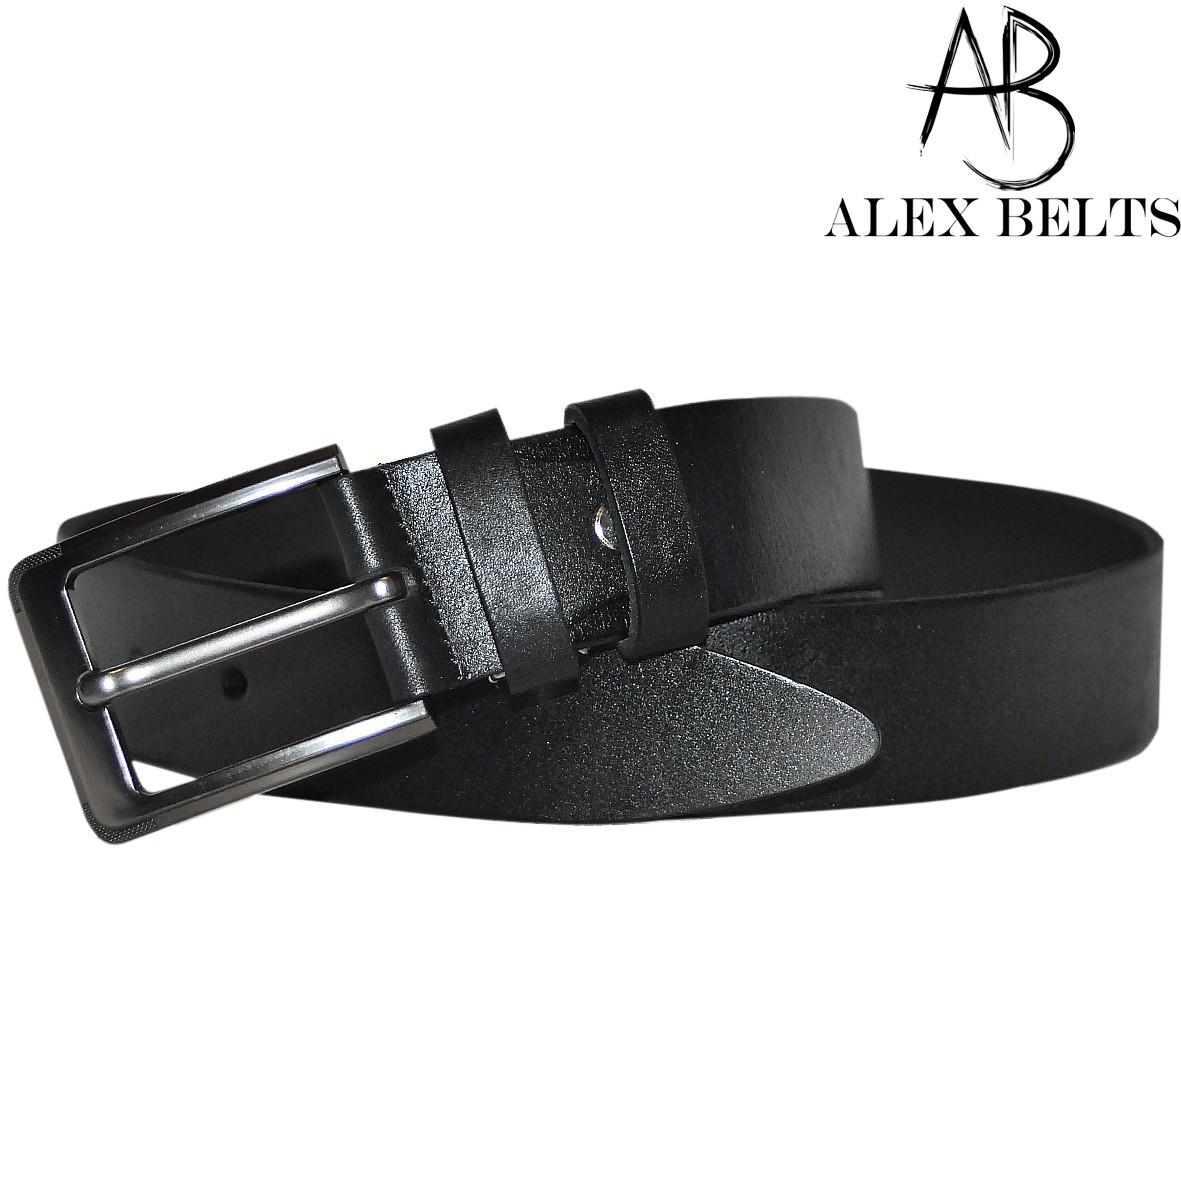 Ремень мужской брючный (черный) кожаный гладкий 35 мм - купить оптом в Одессе